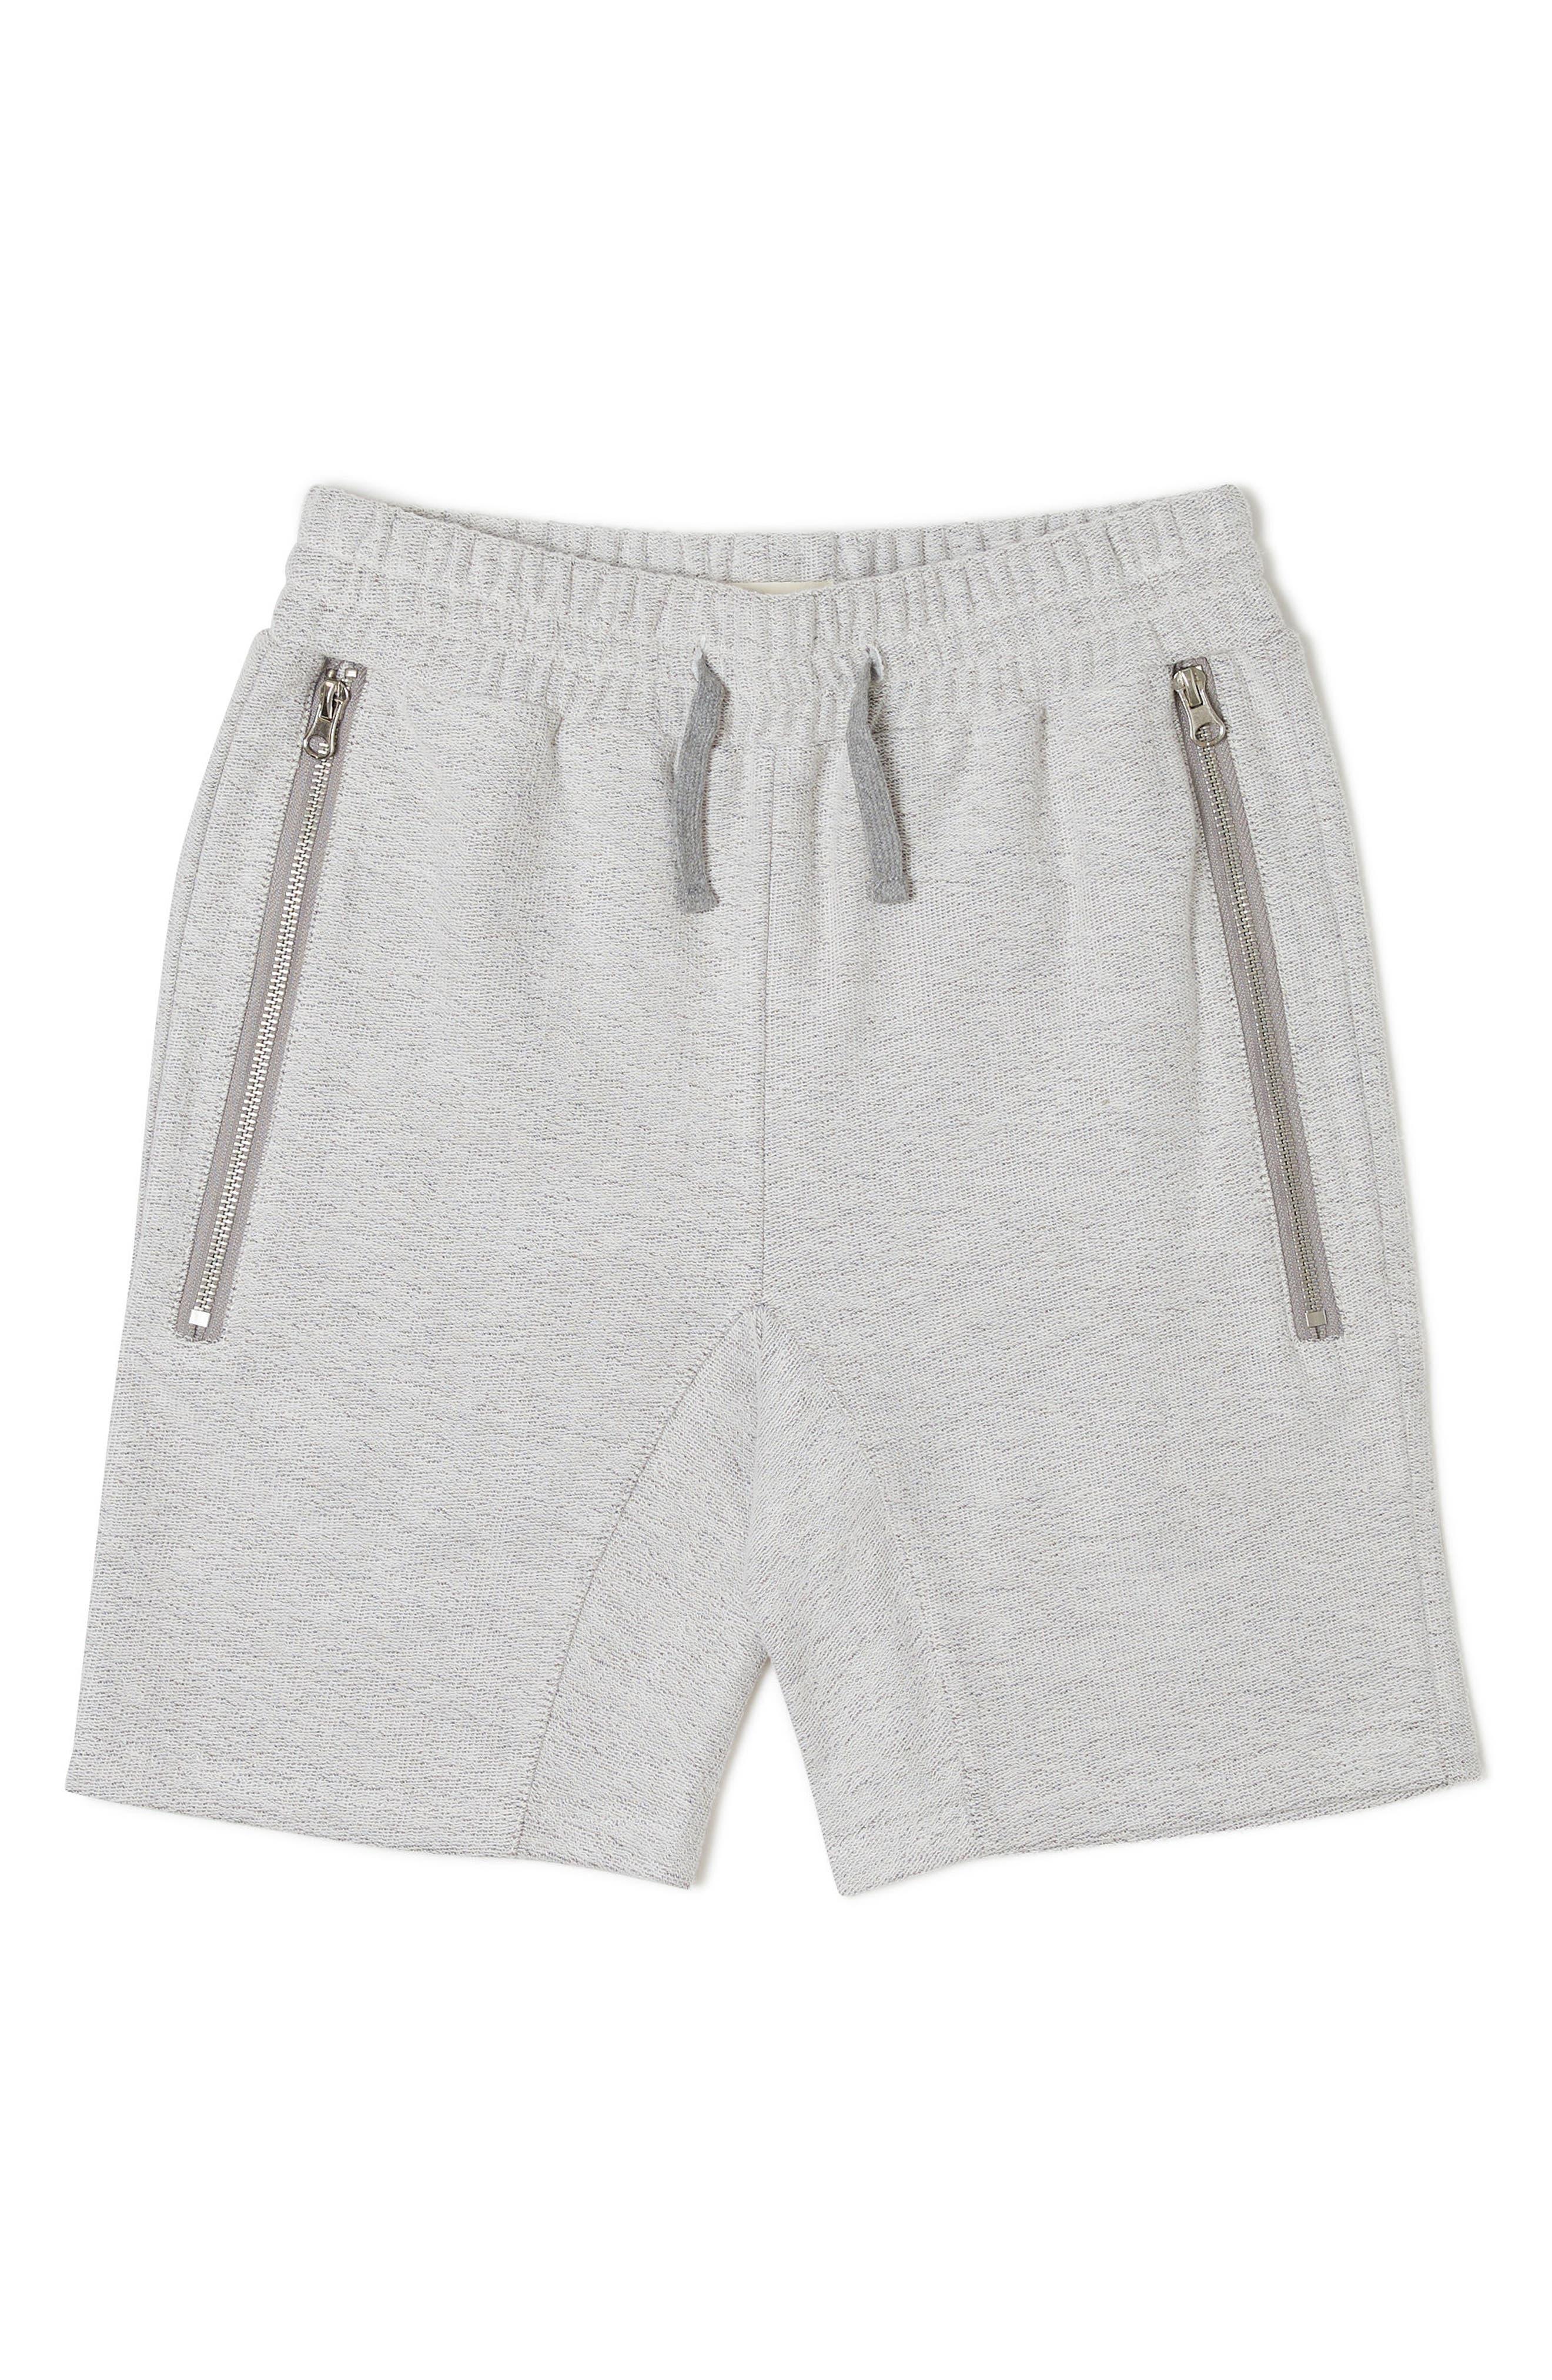 Cruise Knit Shorts,                         Main,                         color, Natural